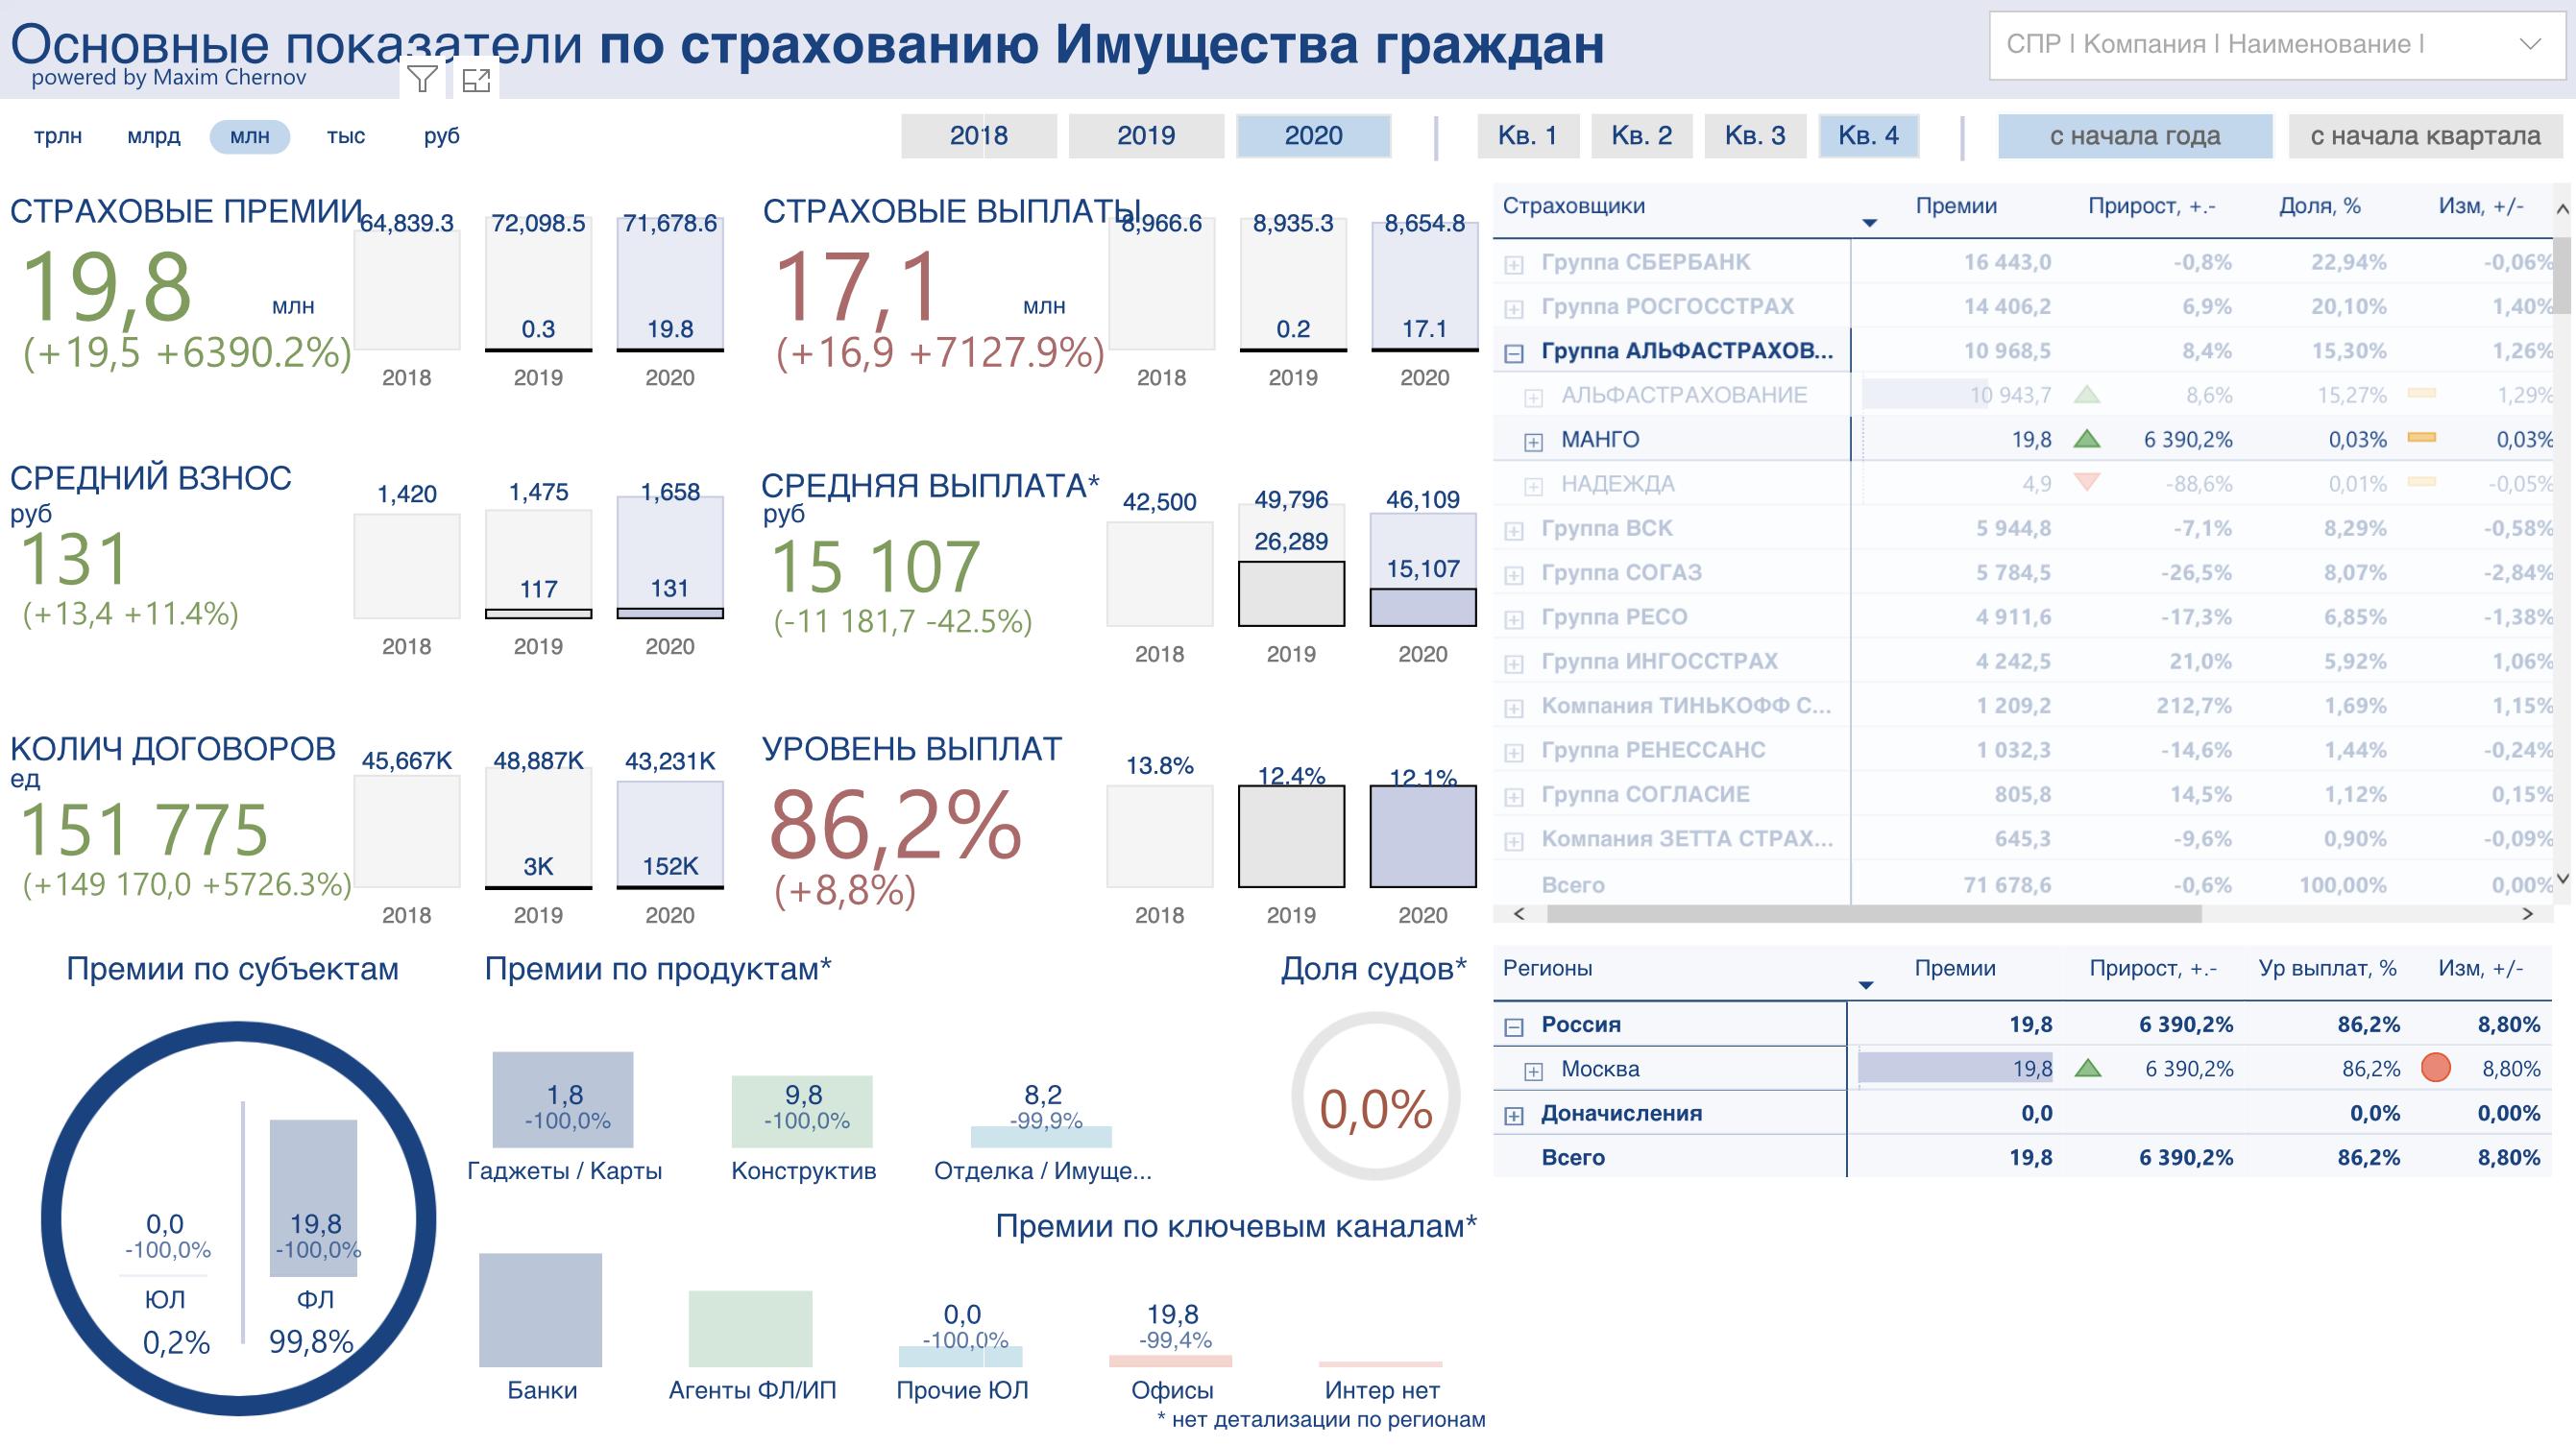 Российский иншуртех: Мафин и Манго страхование